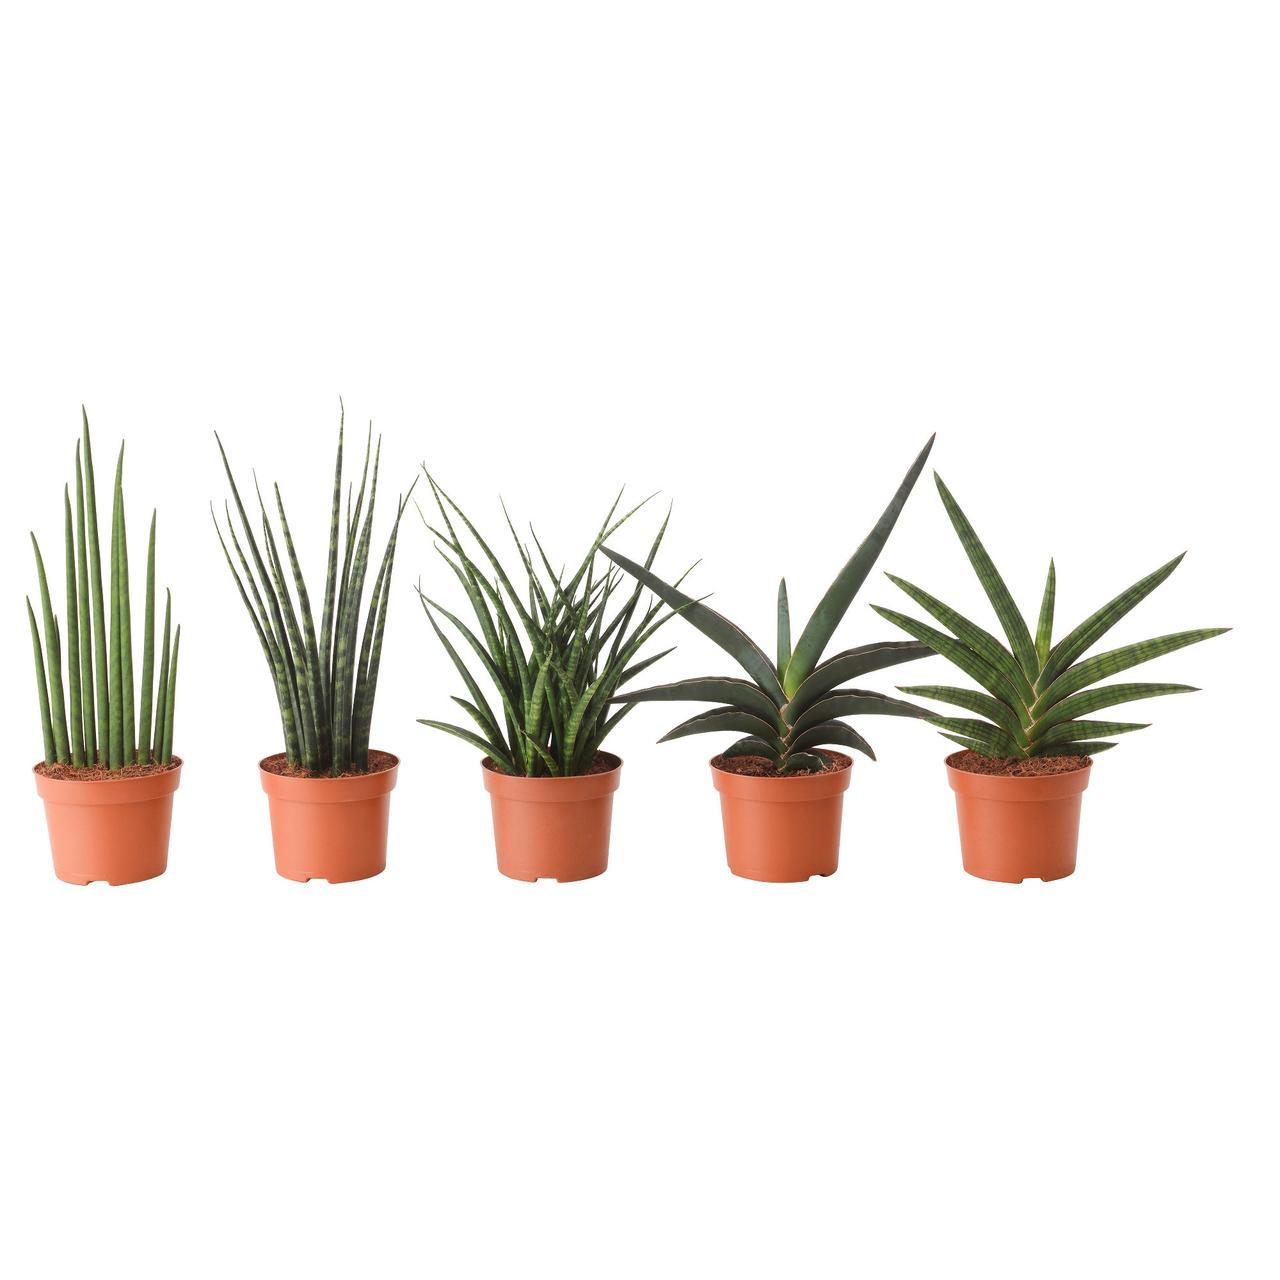 САНСЕВИЕРИЯ Растение в горшке, различные растения